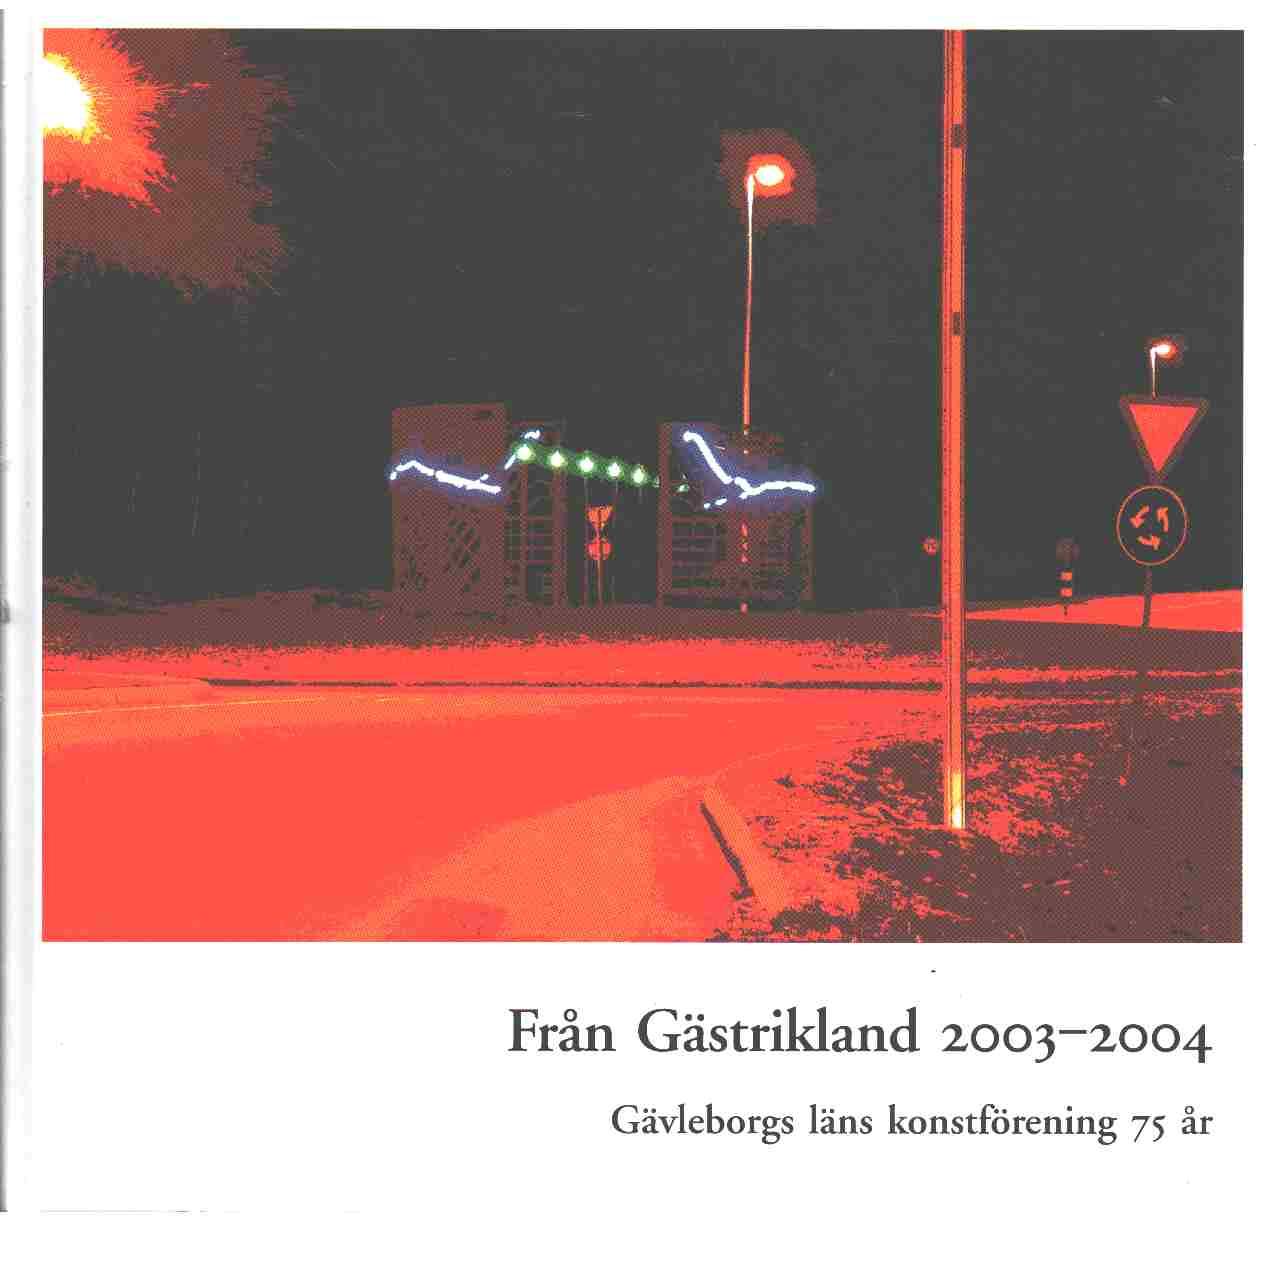 Från Gästrikland 2003-2004: Gävleborgs läns konstförening 75 år - Red. Gästriklands kulturhistoriska förening